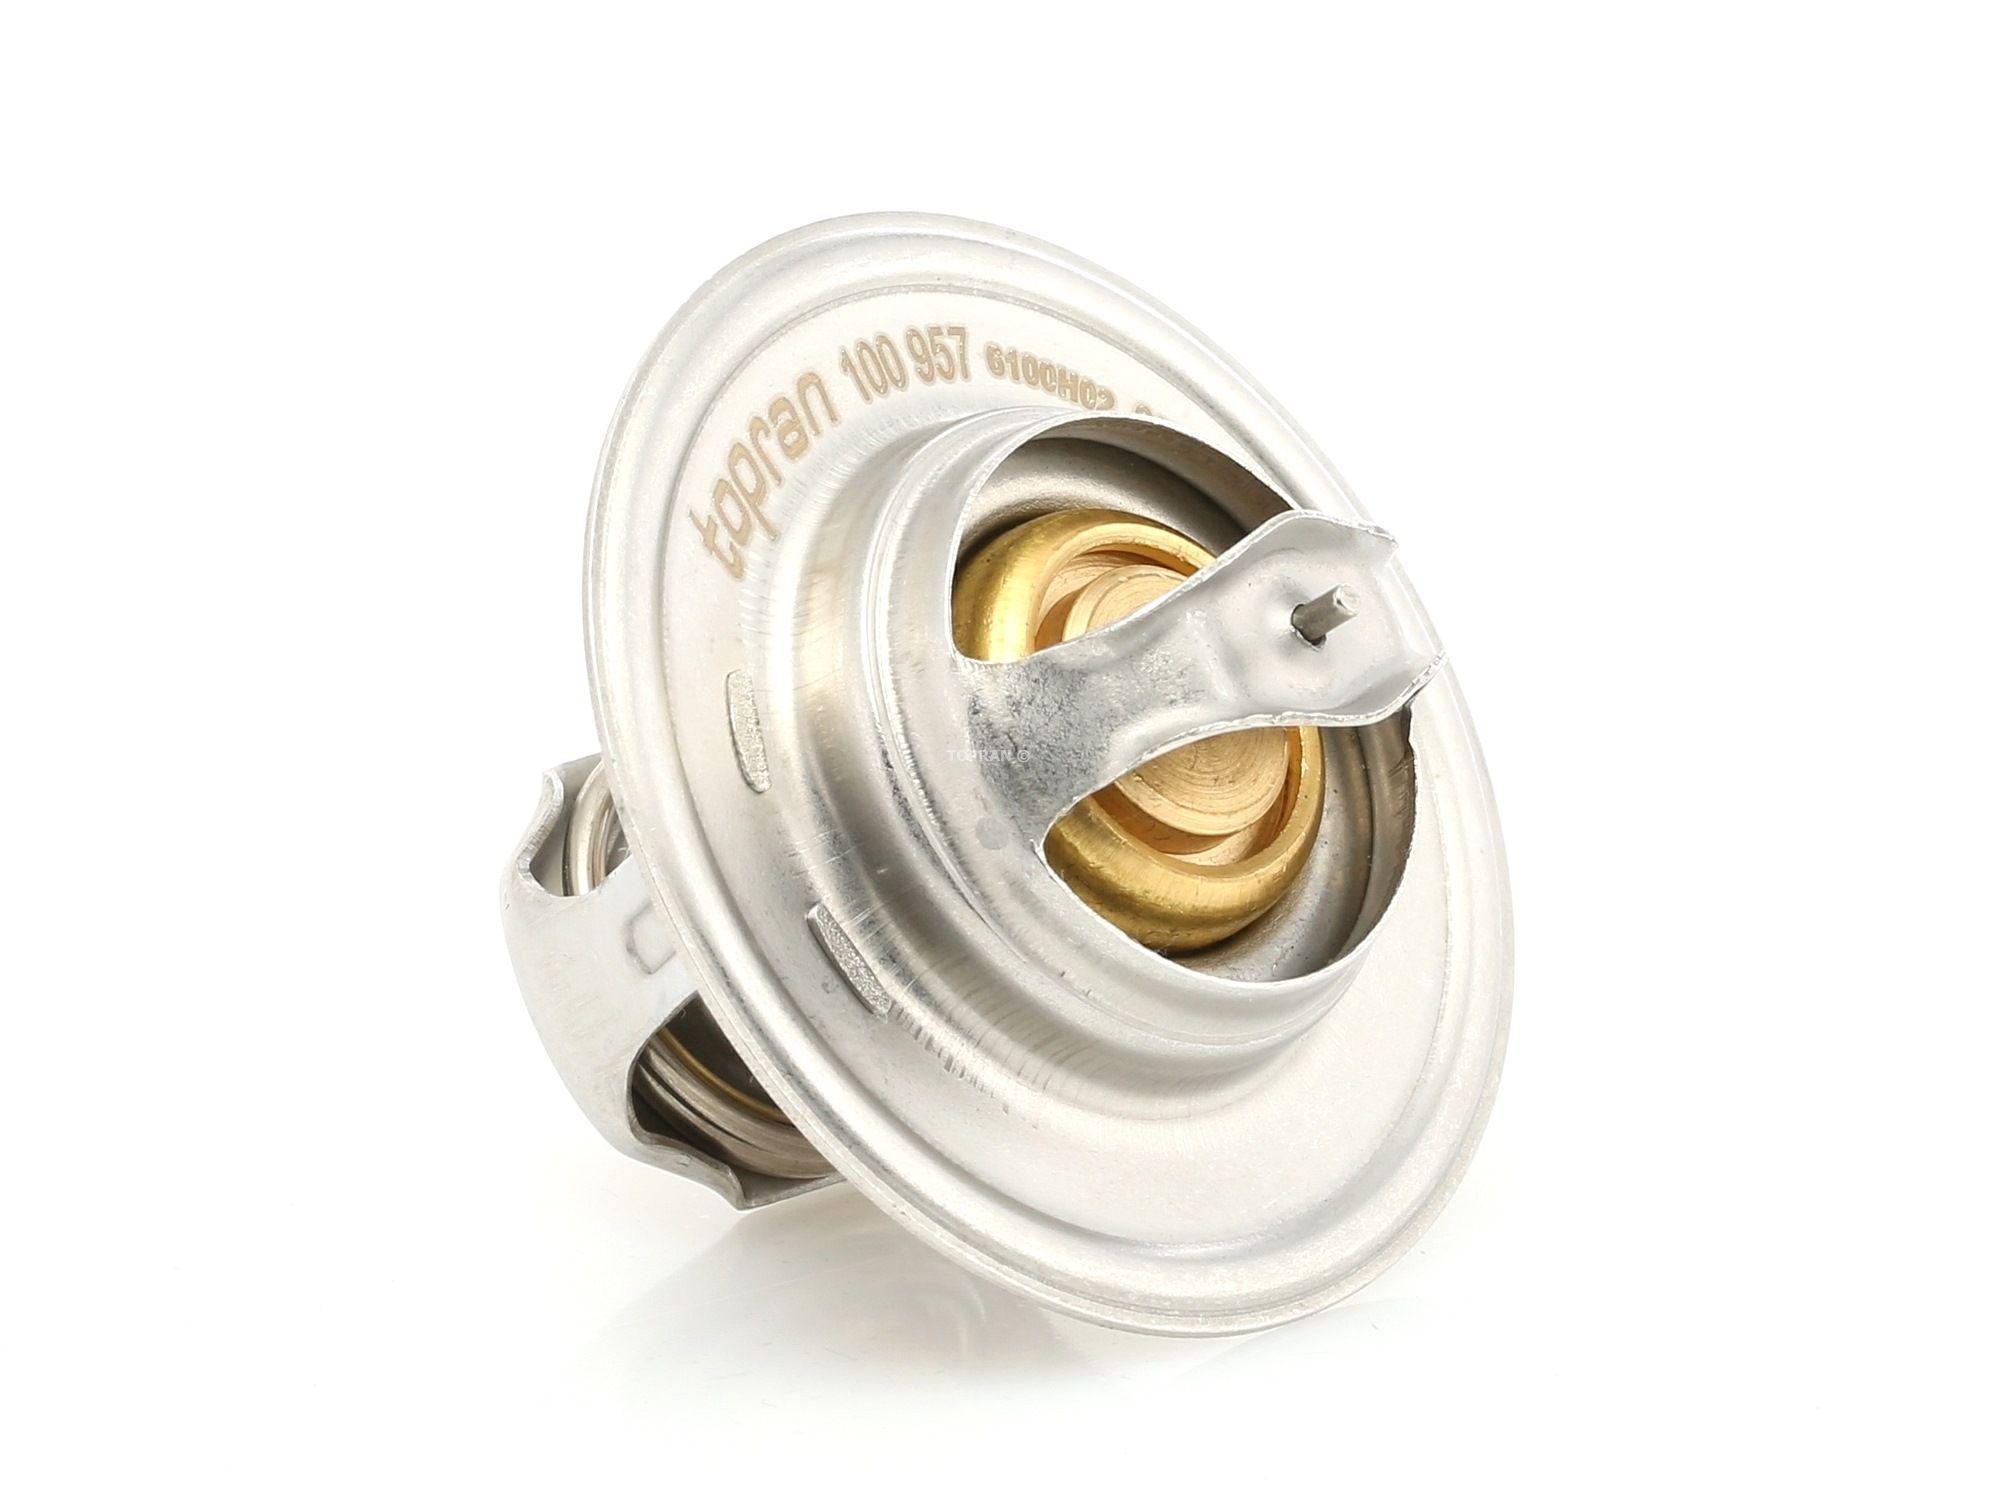 100 957 TOPRAN Öffnungstemperatur: 87°C, mit Dichtung Thermostat, Kühlmittel 100 957 günstig kaufen